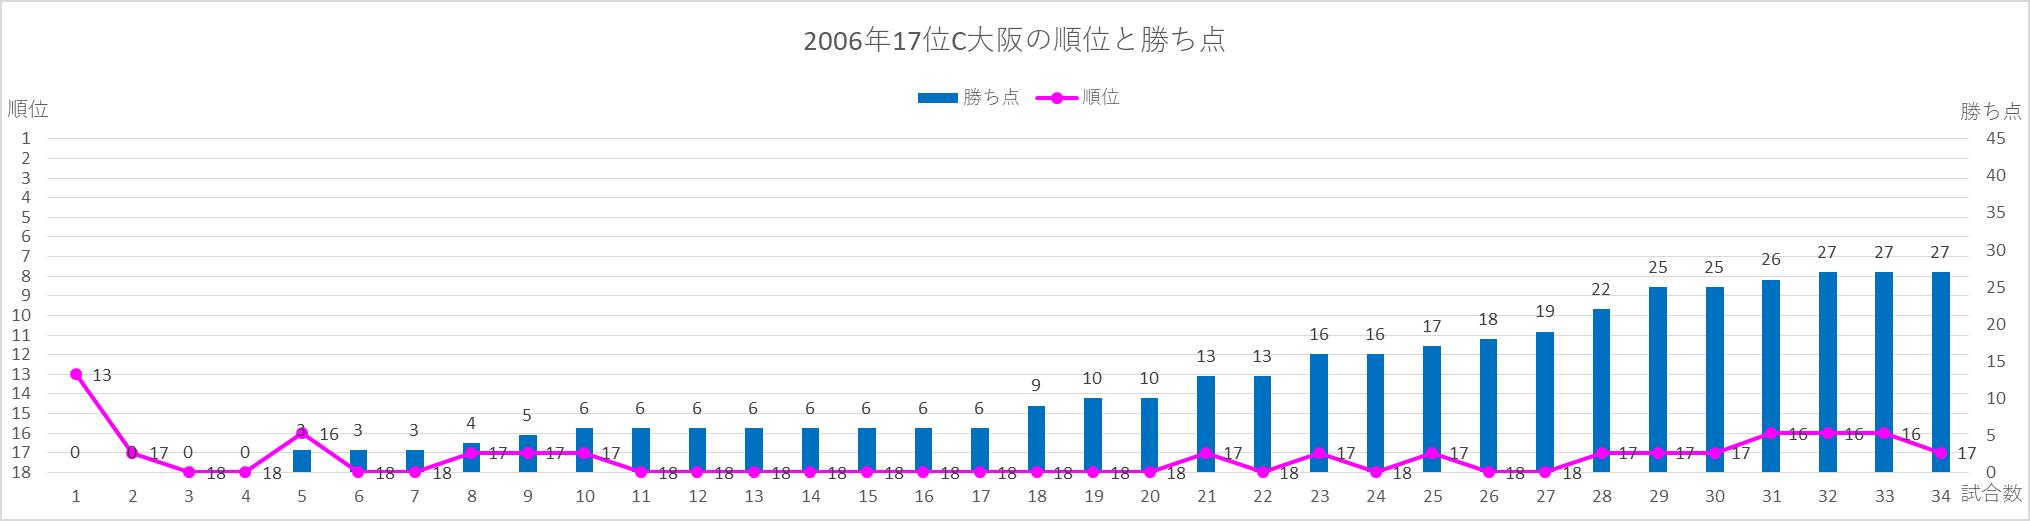 2006C大阪の順位と勝ち点の推移